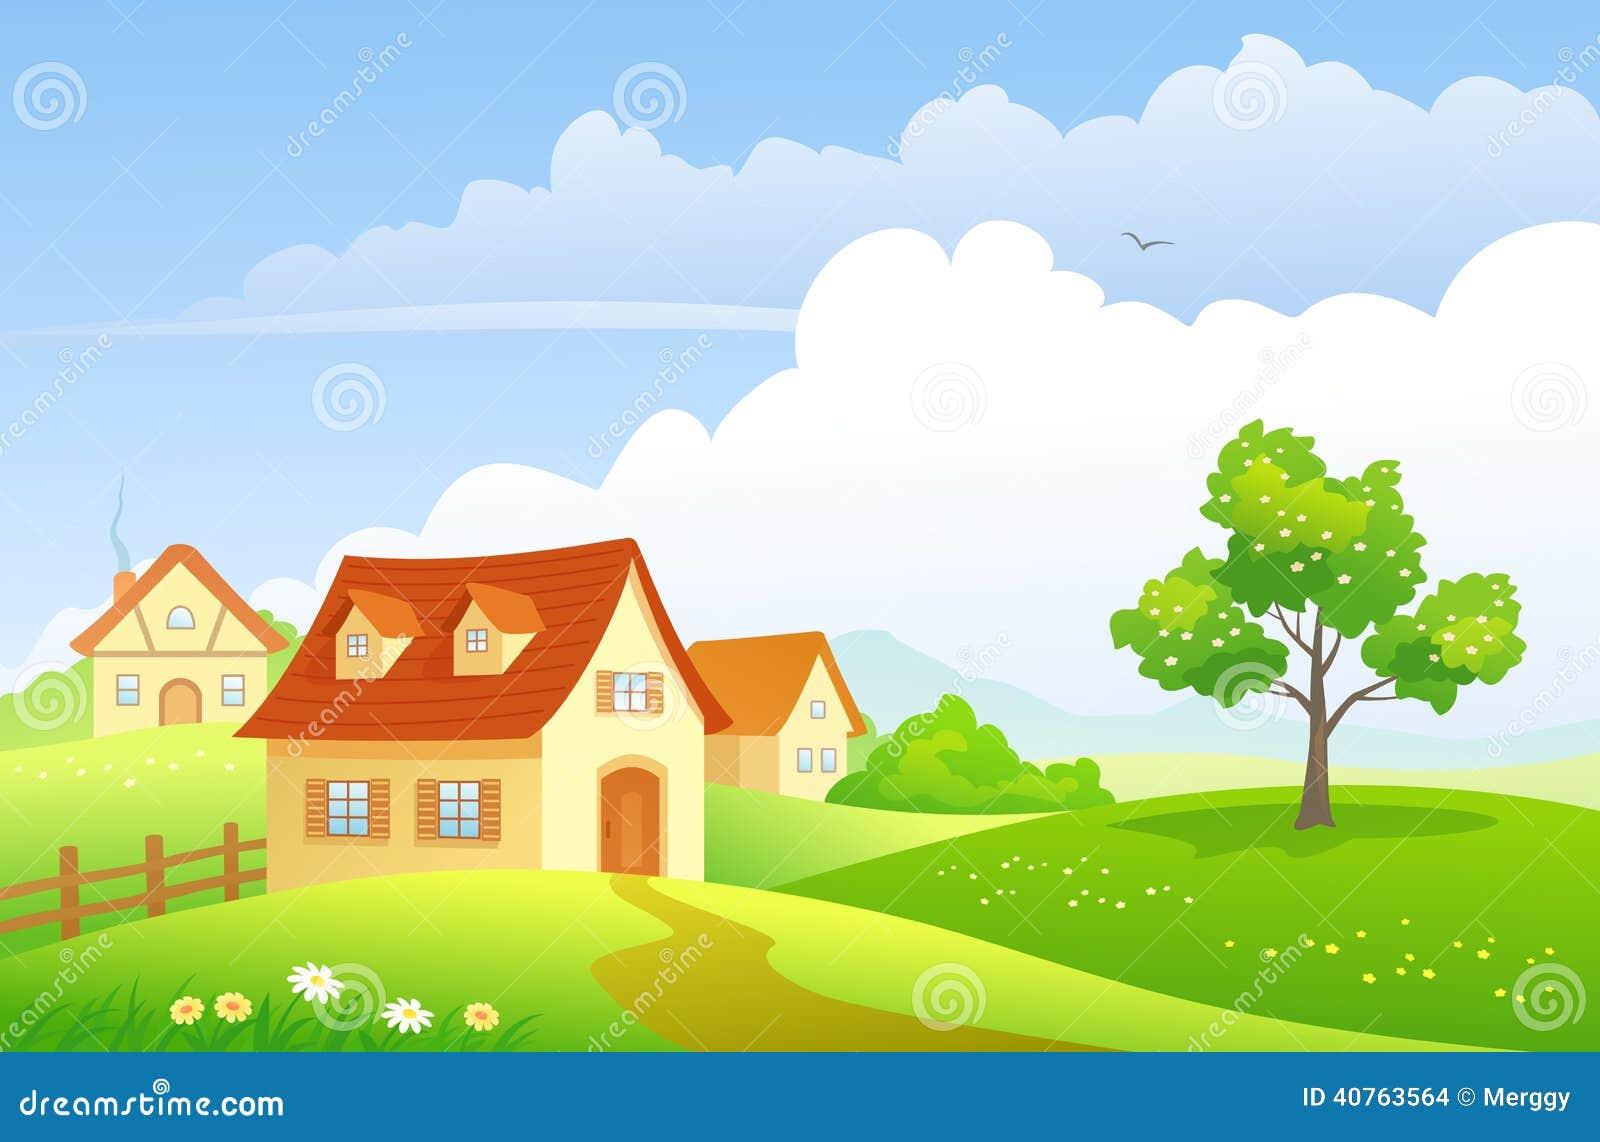 Beautiful garden cartoon - Cartoon Countryside Stock Images